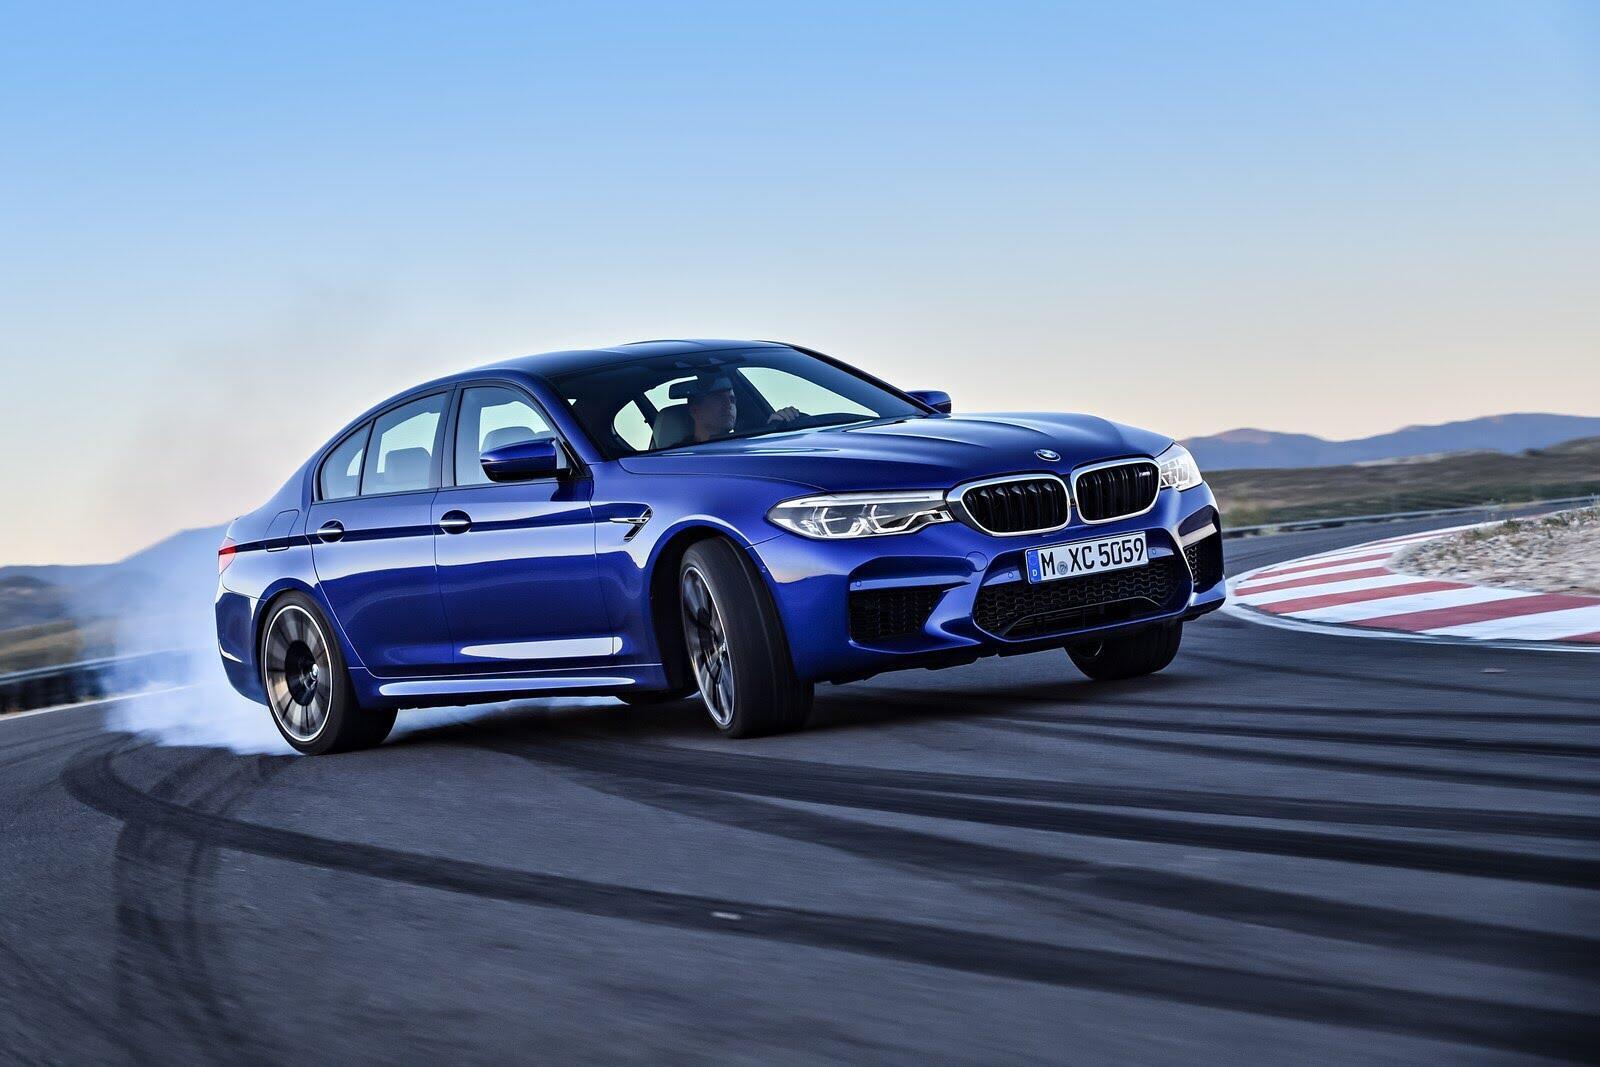 BMW M5 2018 chính thức trình làng với 600 mã lực - Hình 1